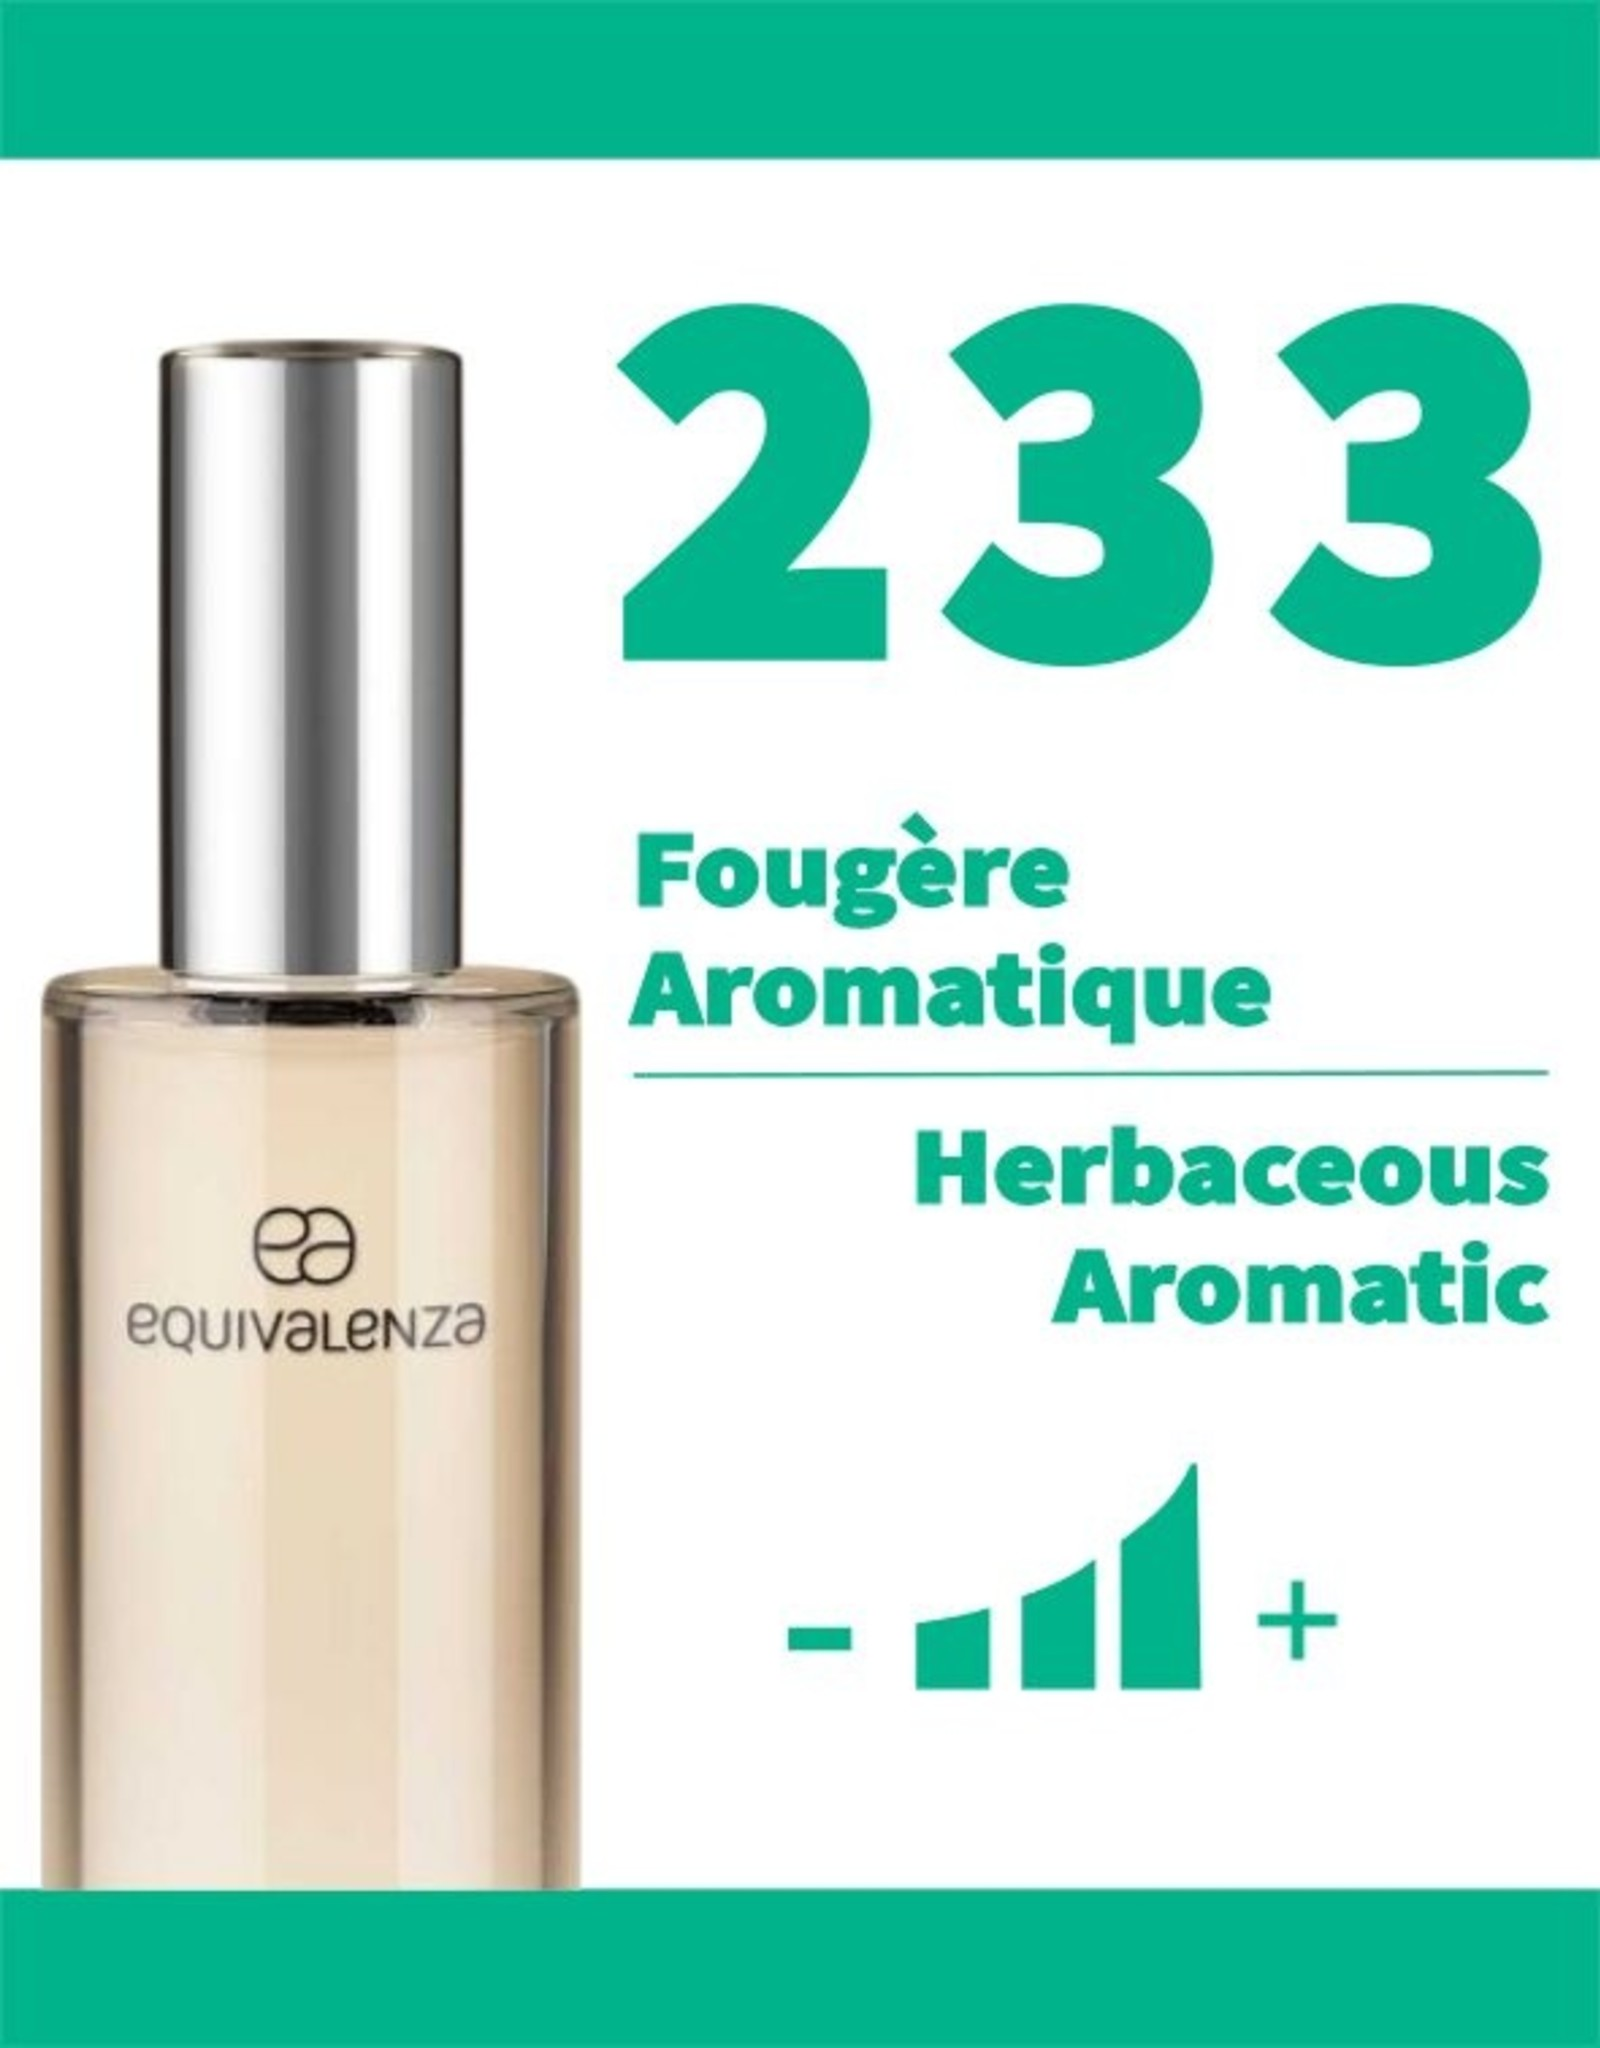 Equivalenza Fougère Aromatique 233